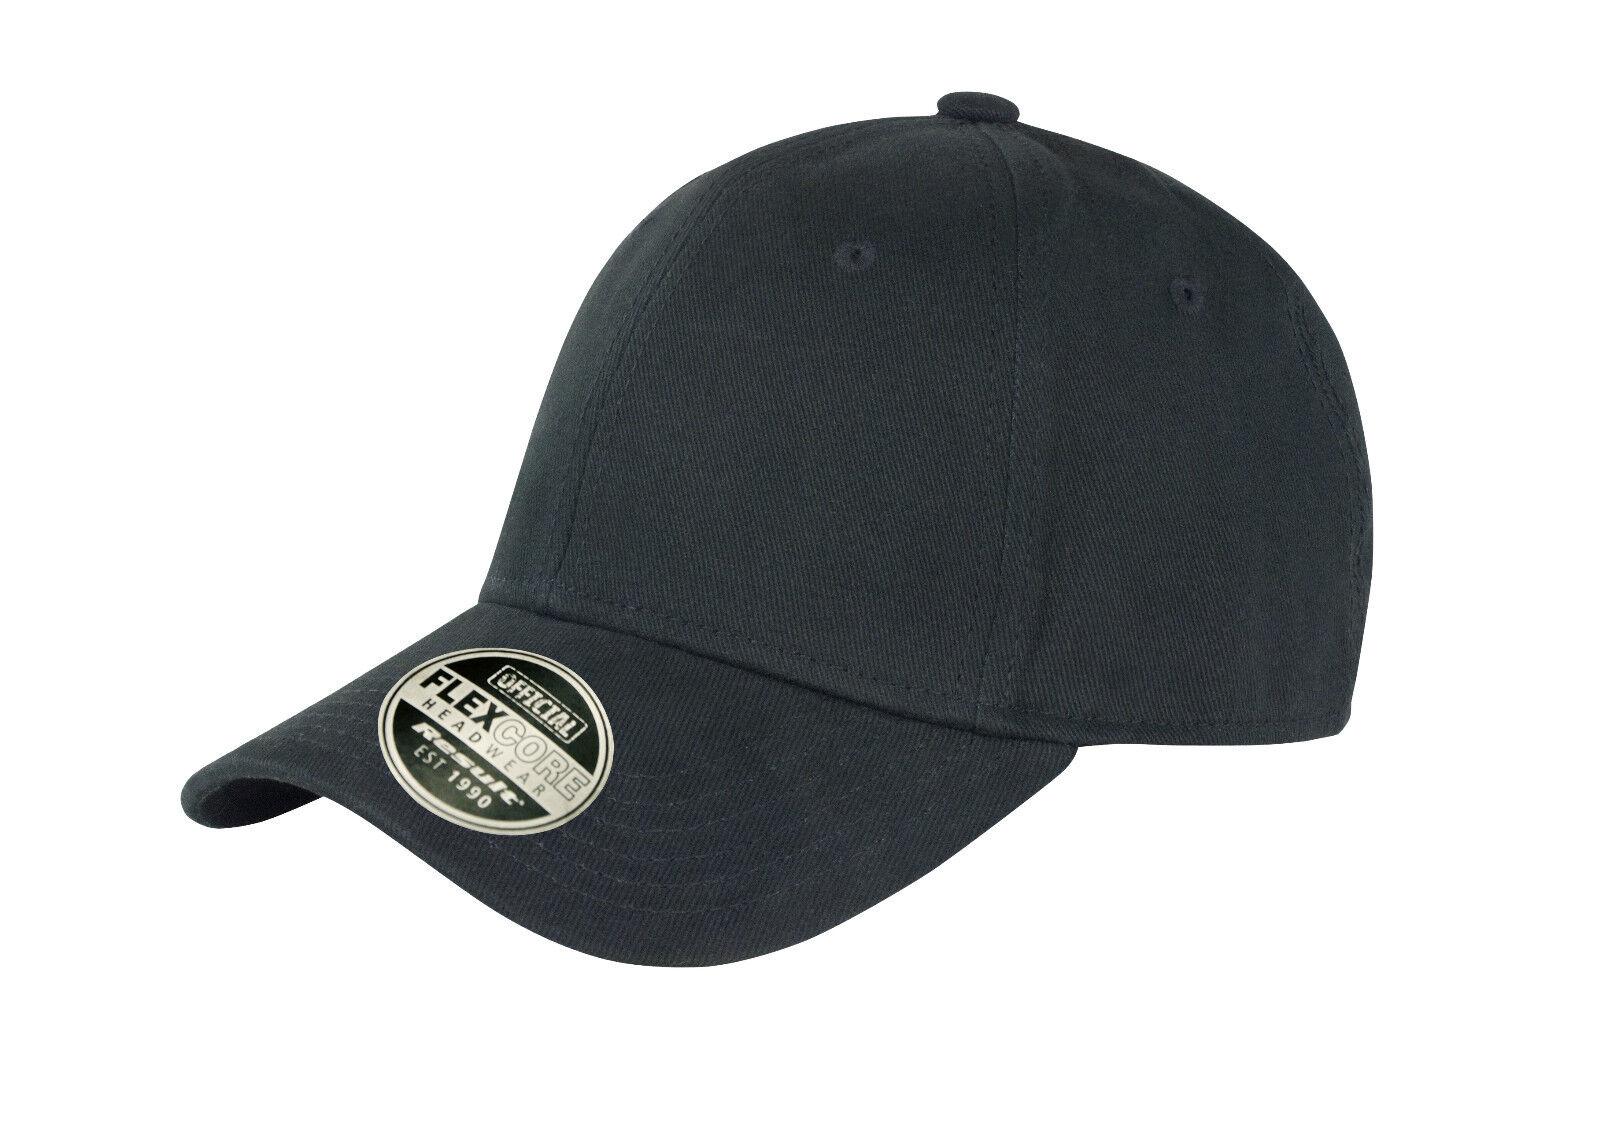 New Unisex Plain Black Flexible Fit Flex Core Cotton Fitted Baseball Cap